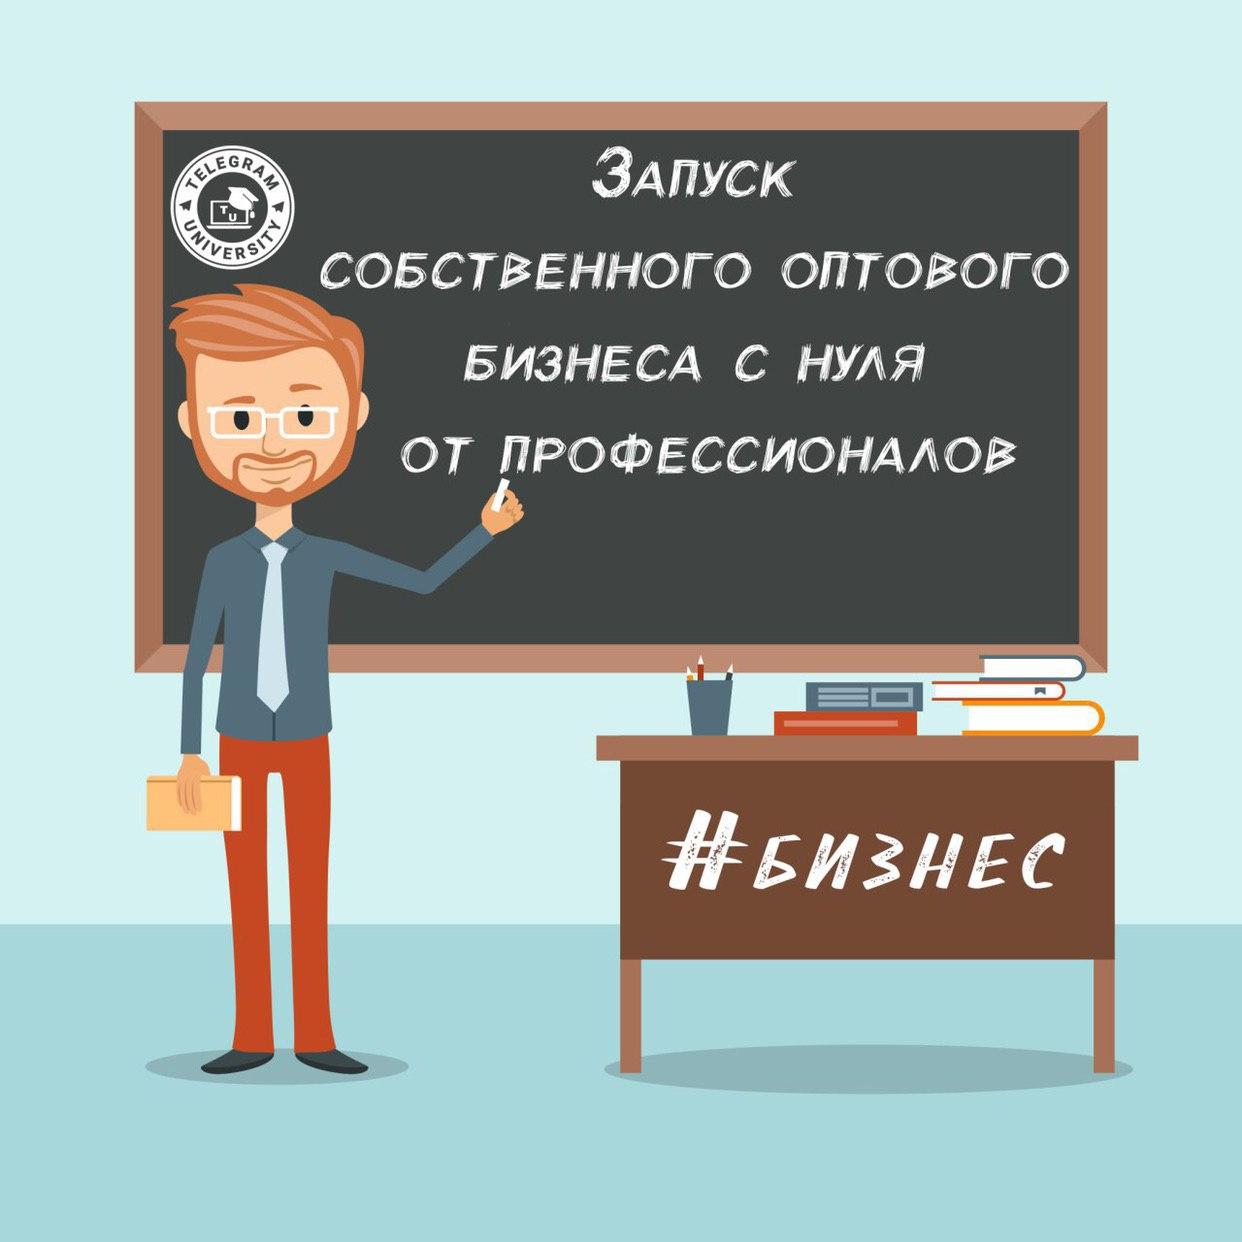 ПОМОЩЬ ФРИЛАНСЕРОВ